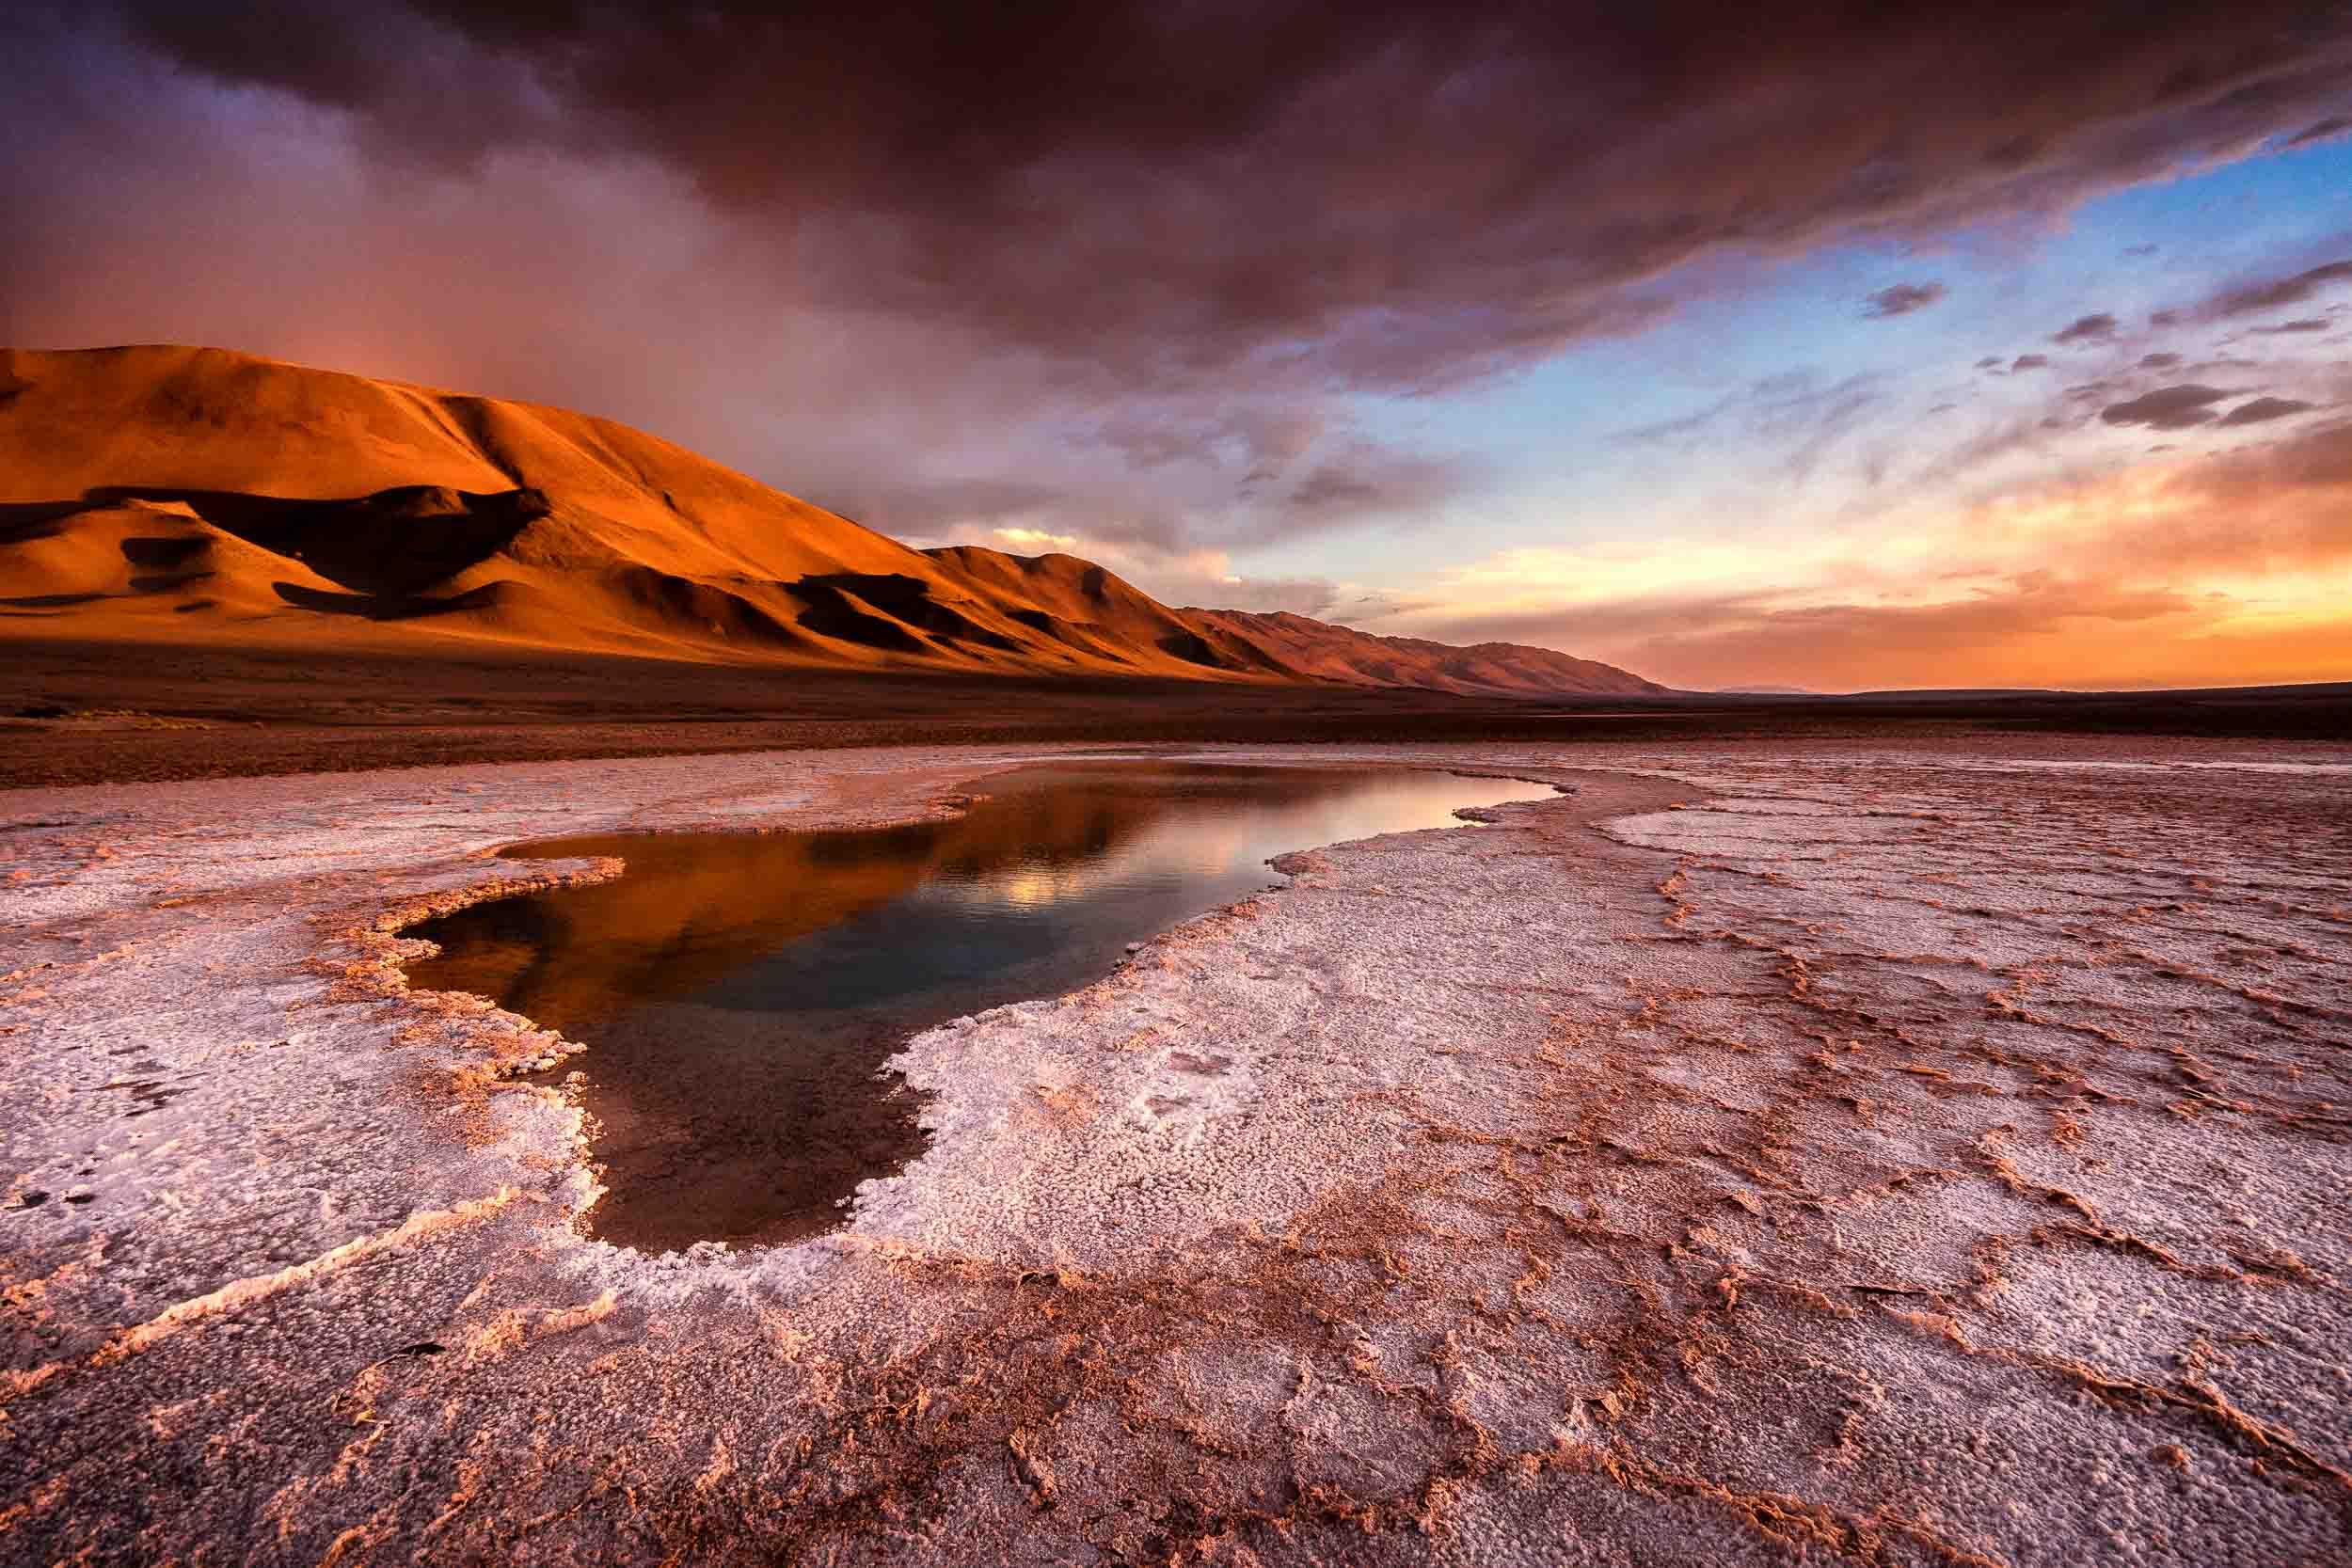 argentina-salta-och-lerma-valley-secret-world